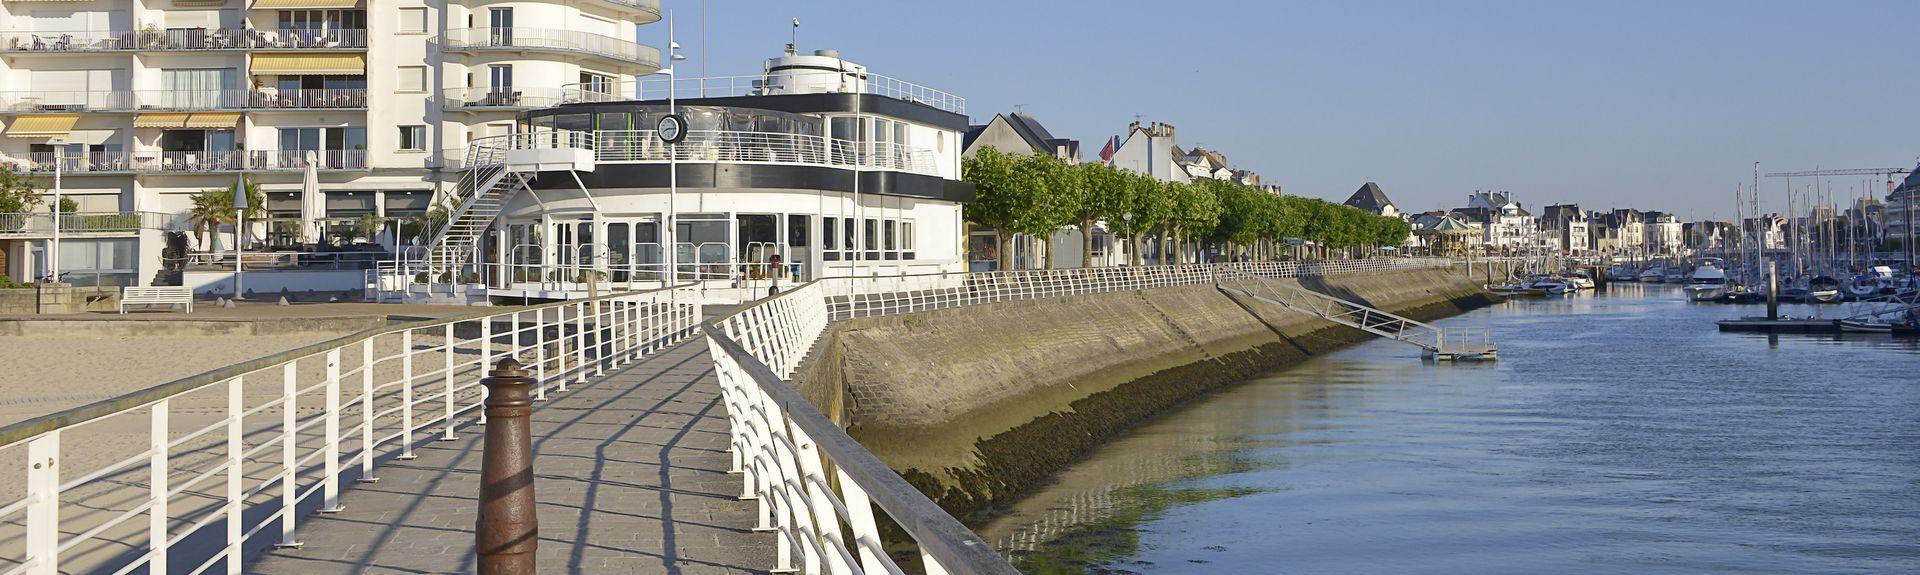 Le Pouliguen, France